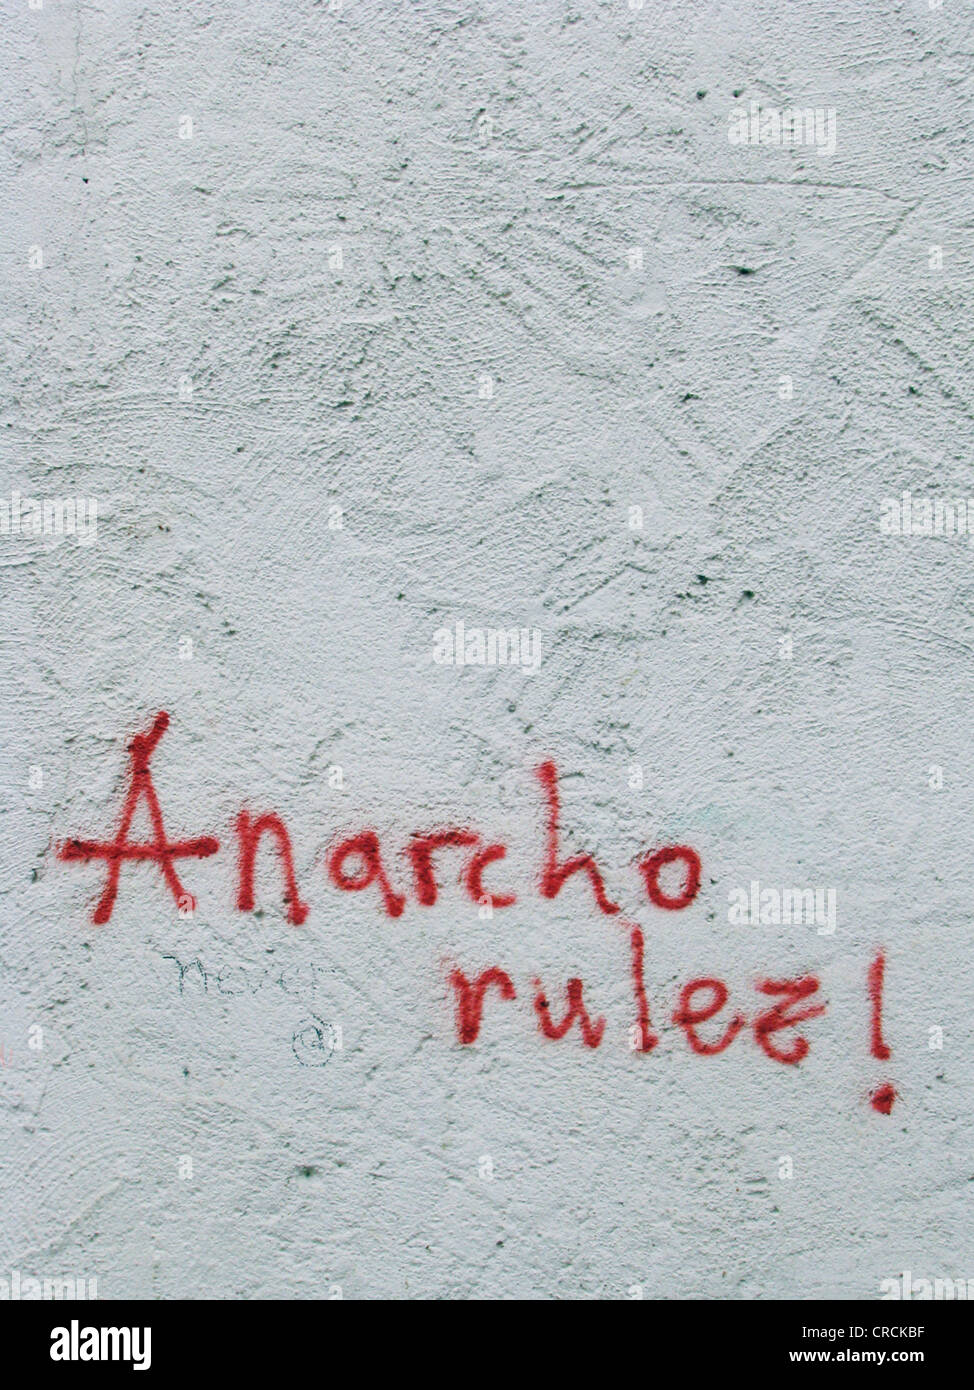 Le parole che sono state spruzzate sul muro di una casa, anarco rulez, Germania Immagini Stock